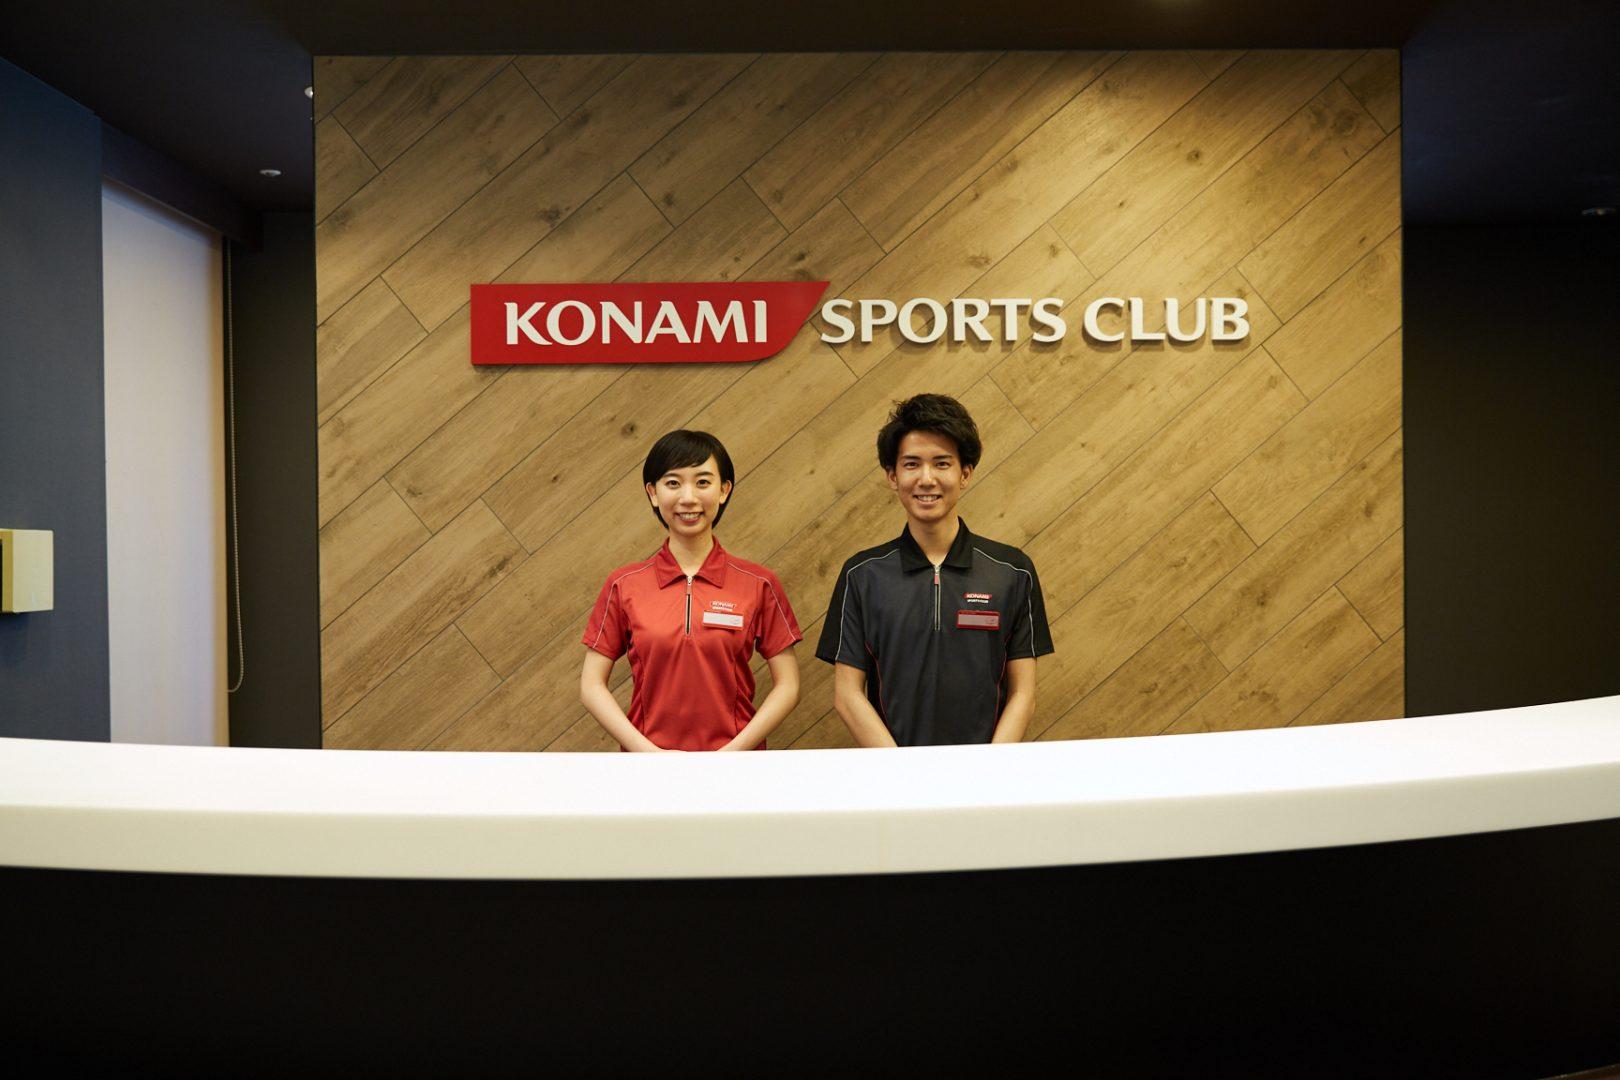 【卓求人】卓球副業時代の幕開けへ コナミスポーツクラブが全国でコーチスタッフ受け入れをスタート